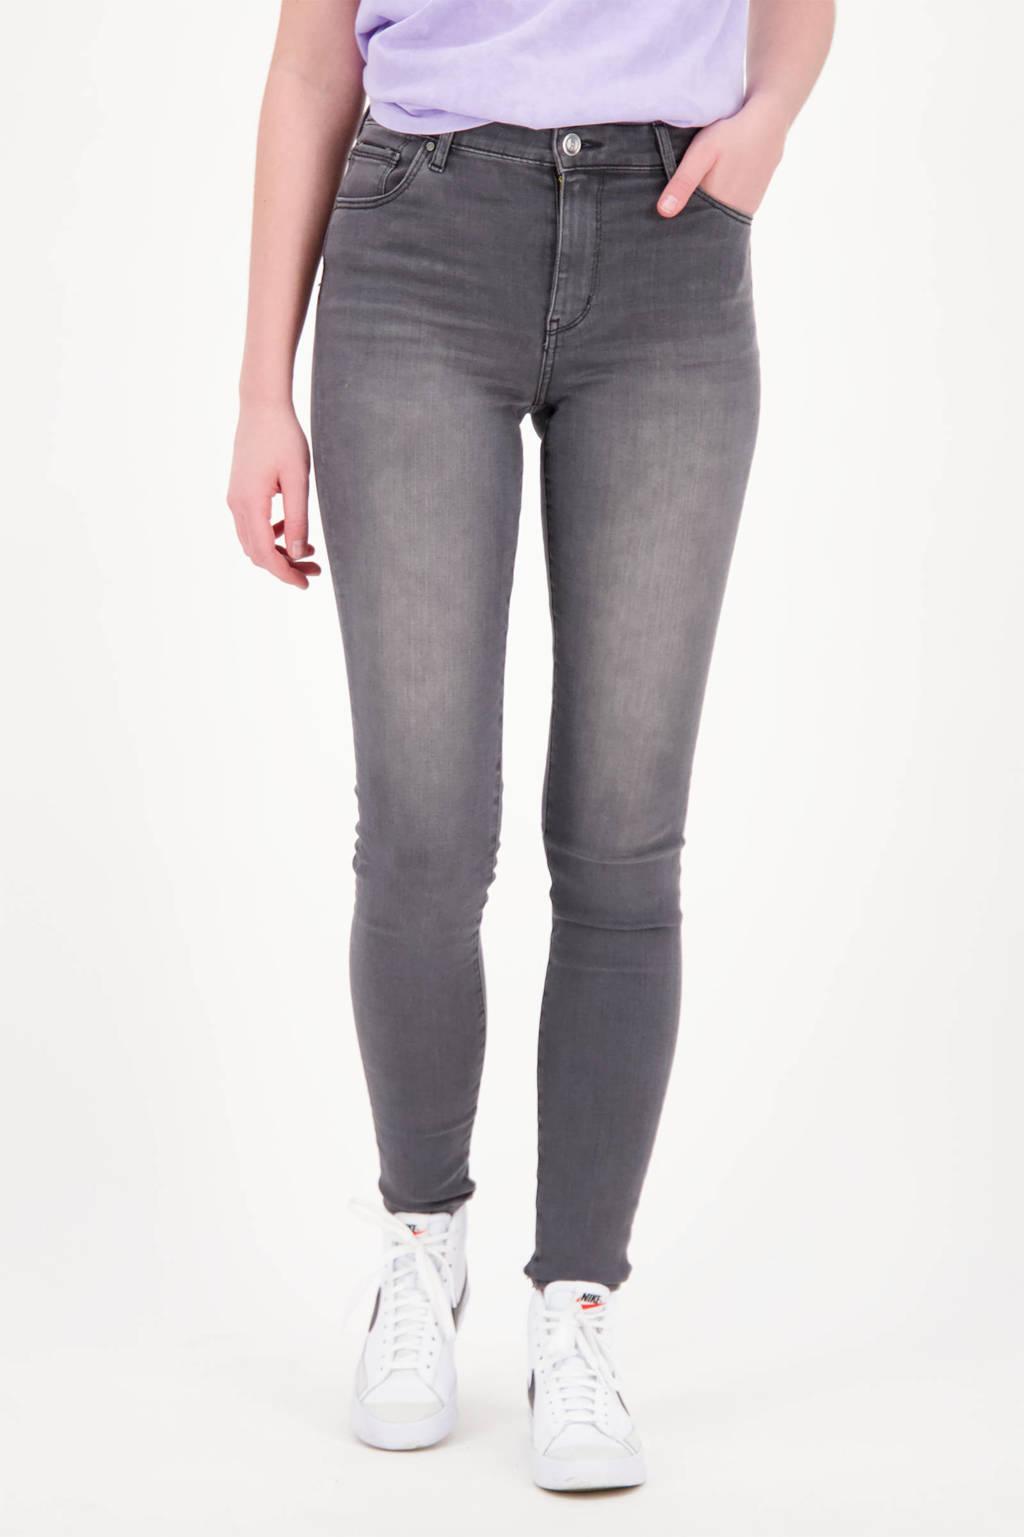 Raizzed high waist super skinny jeans Blossom dark grey stone, Dark grey stone